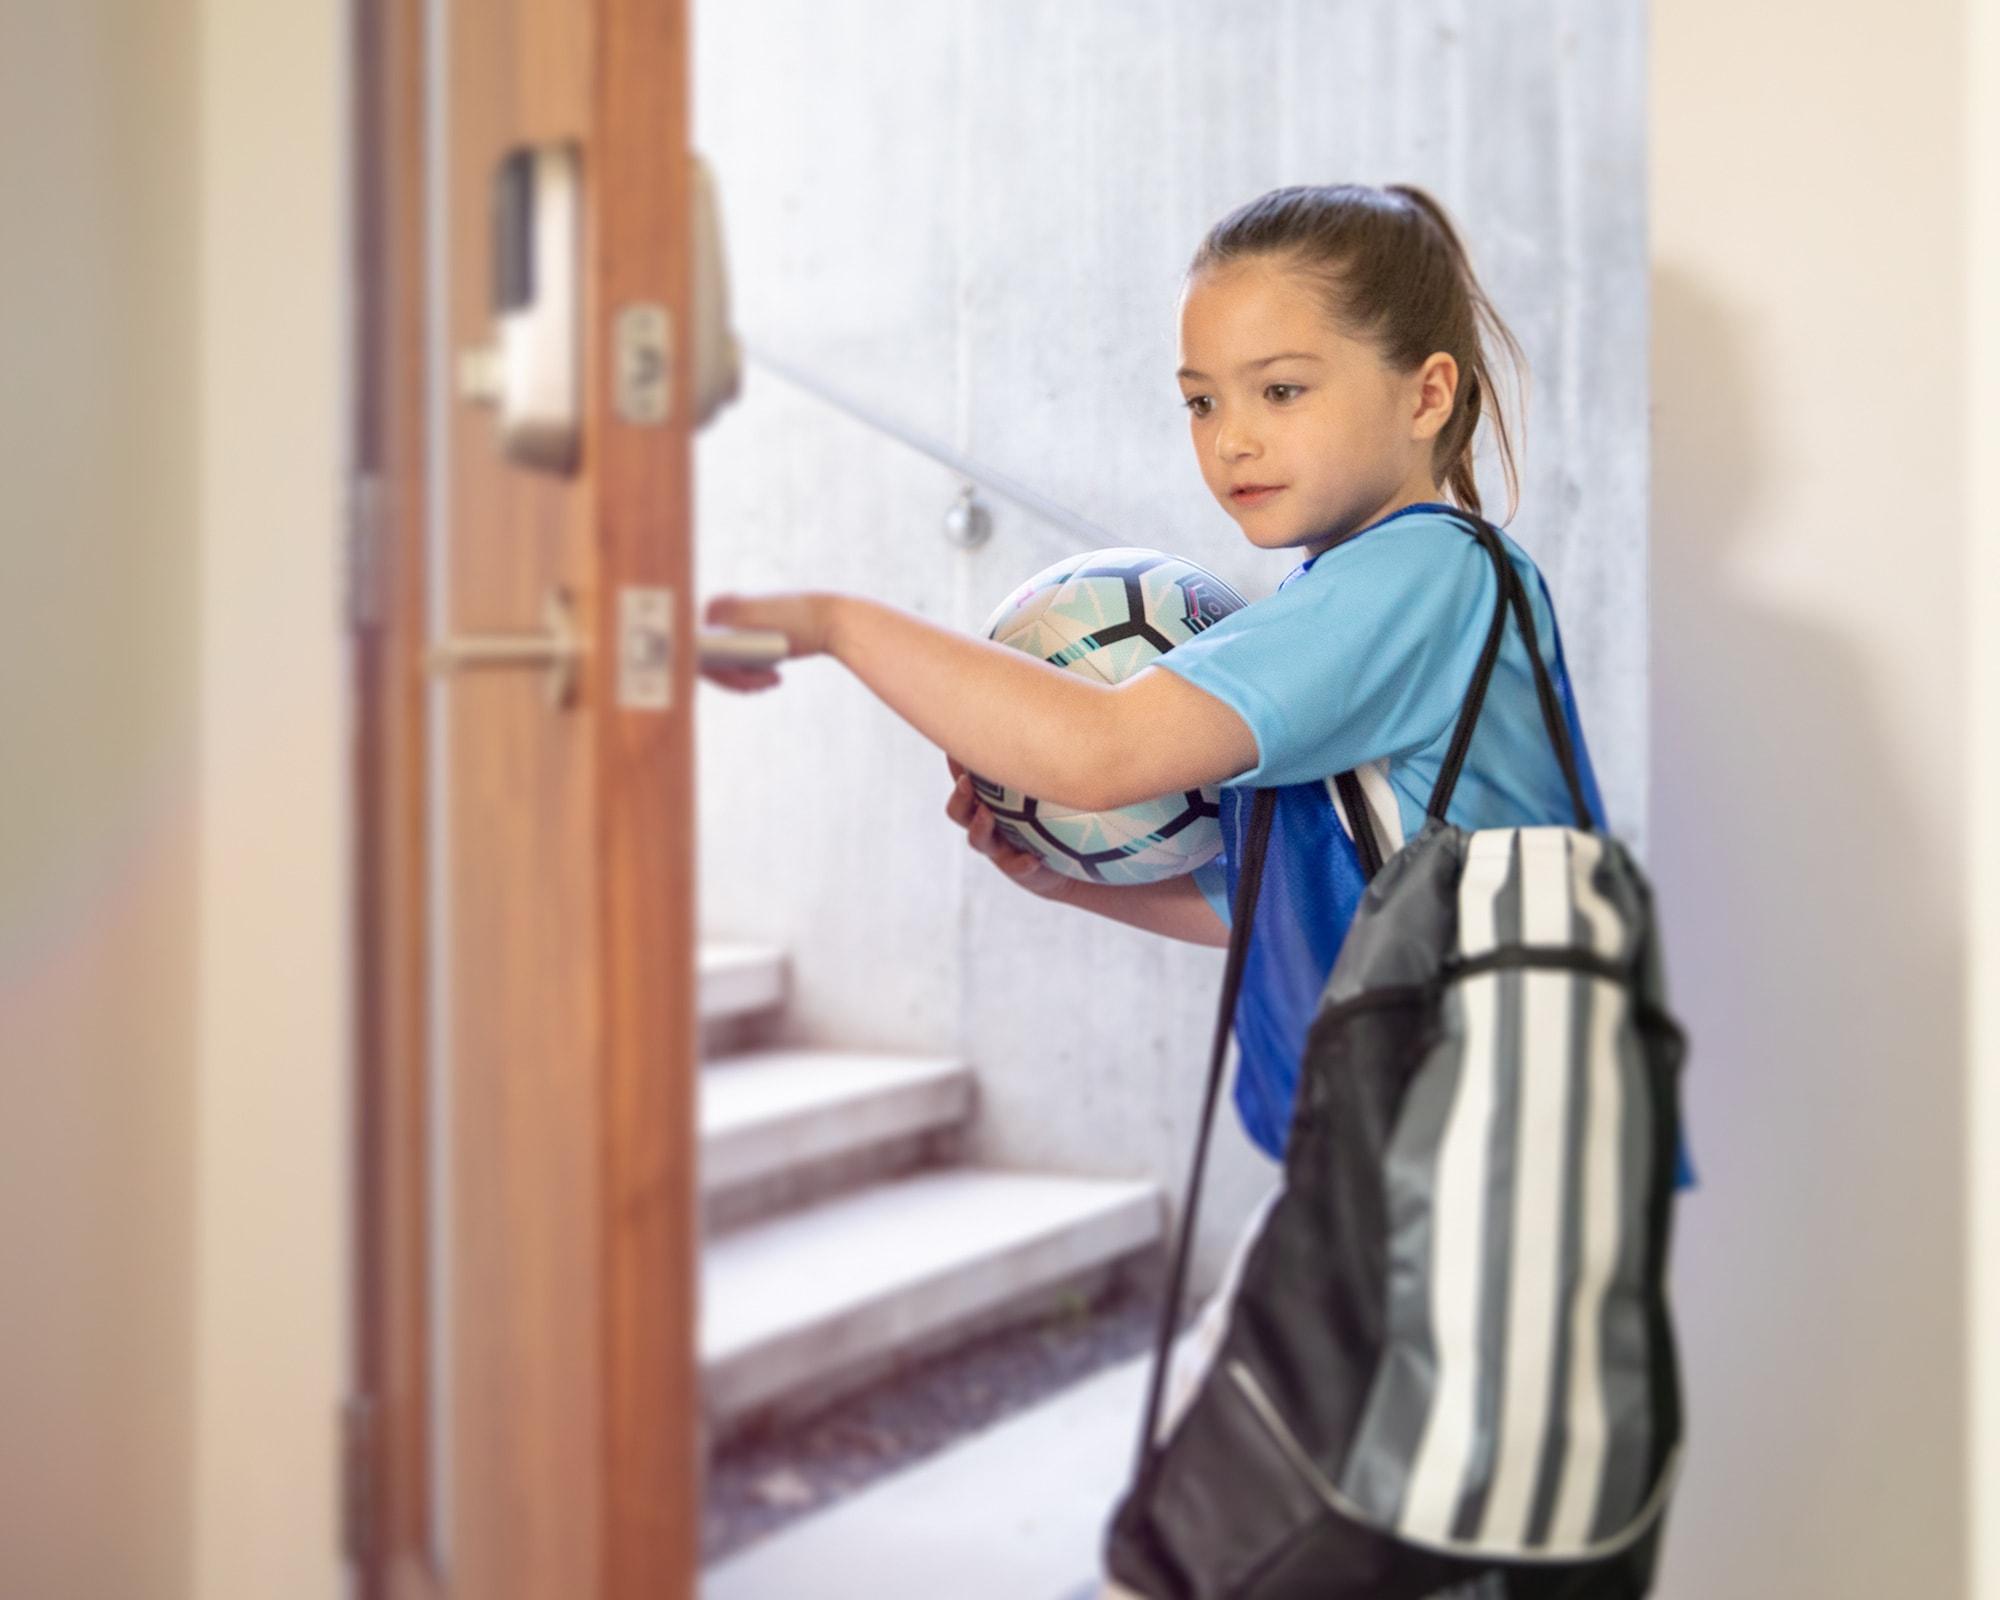 使用连接智能门锁一边玩足球一边进入家中的儿童